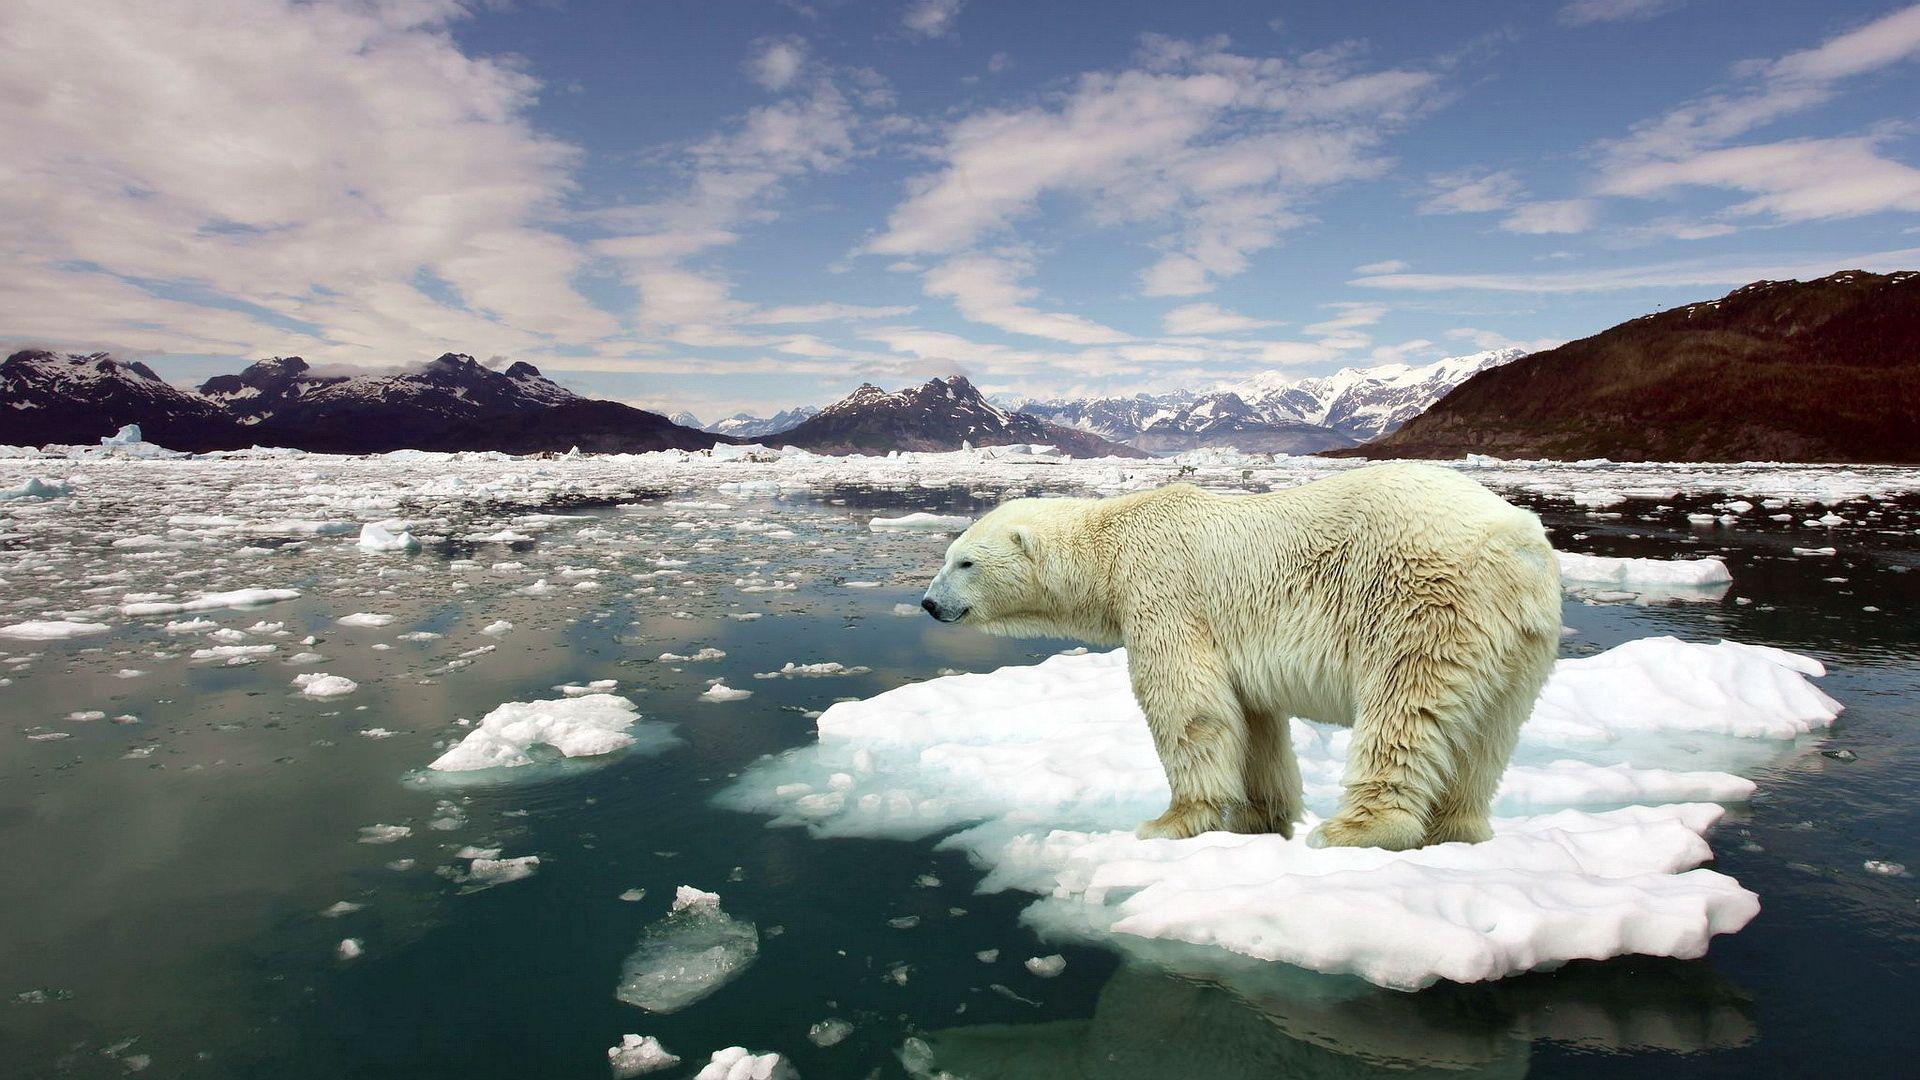 135240 Hintergrundbild herunterladen Tiere, Eis, Schnee, Situation, Eisbär, Polarbär - Bildschirmschoner und Bilder kostenlos